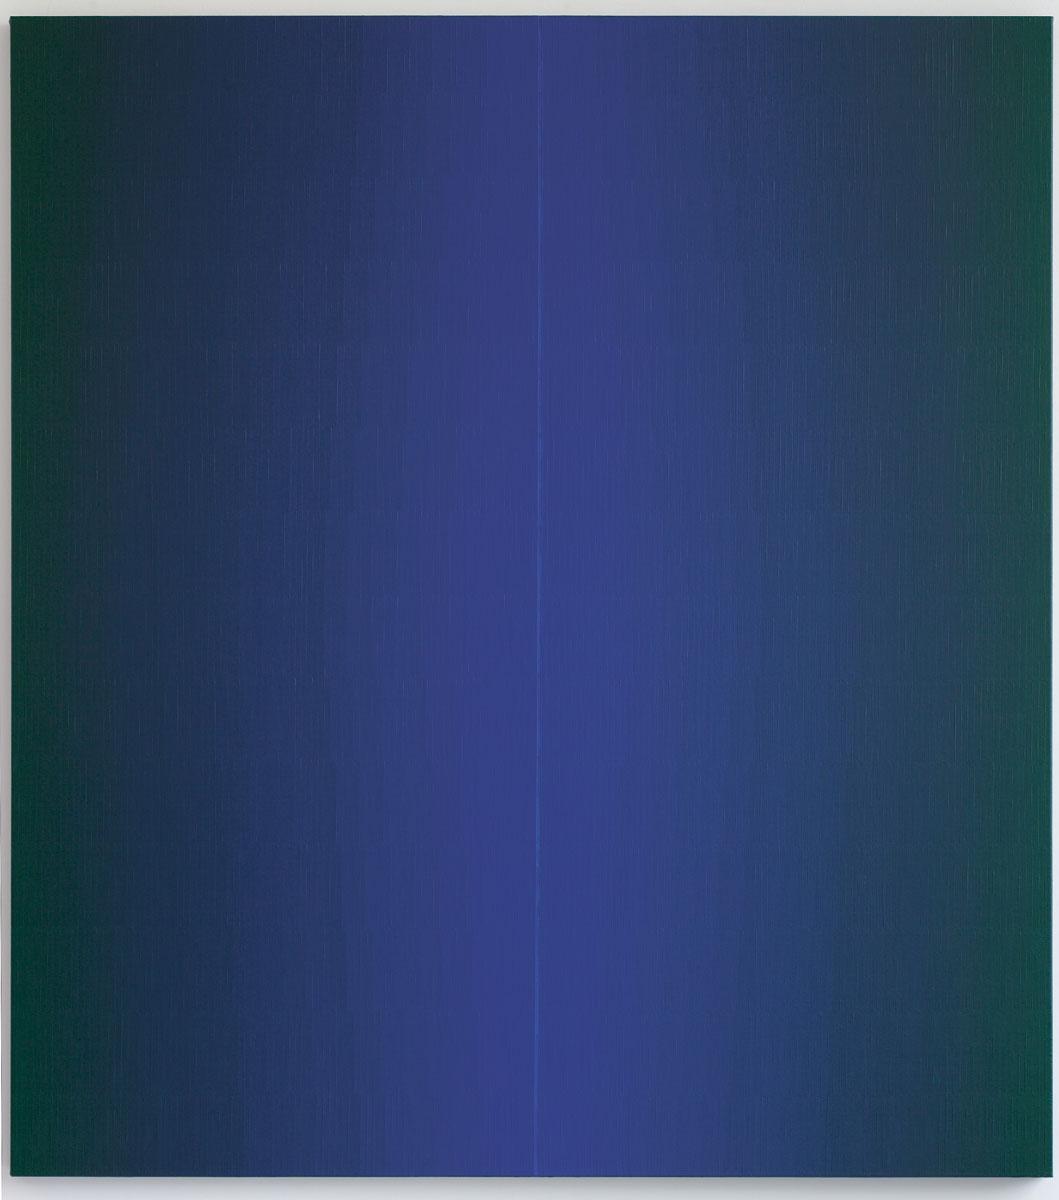 Johannes Geccelli, Im Schatten, 2006, 200×180 cm; Brandenburgisches Landesmuseum für moderne Kunst, Dieselkraftwerk